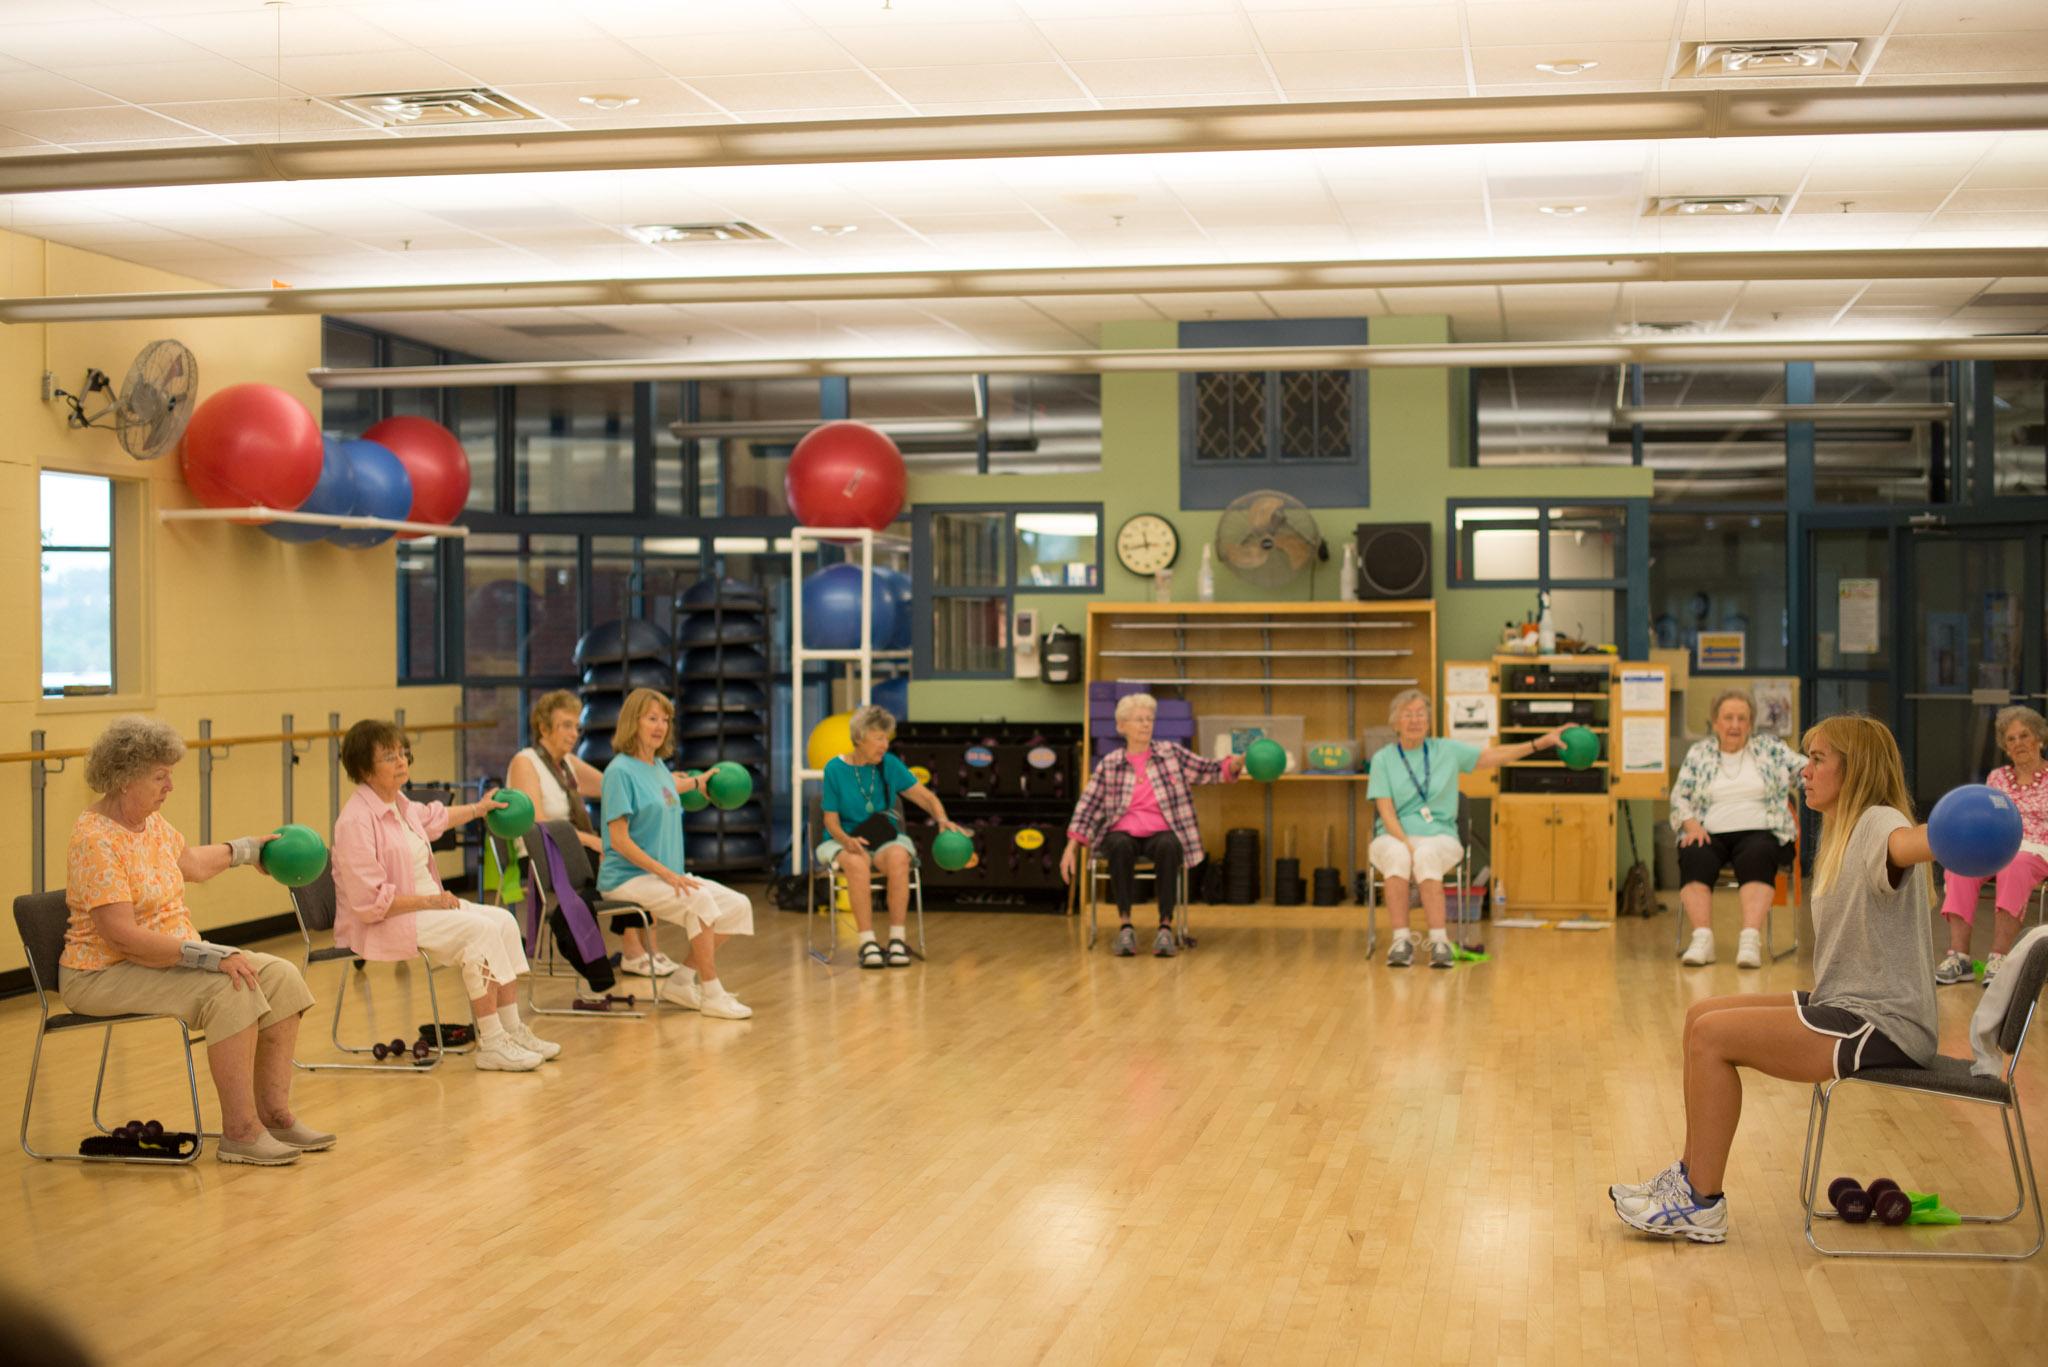 Wellness Center Stock Photos-1040.jpg